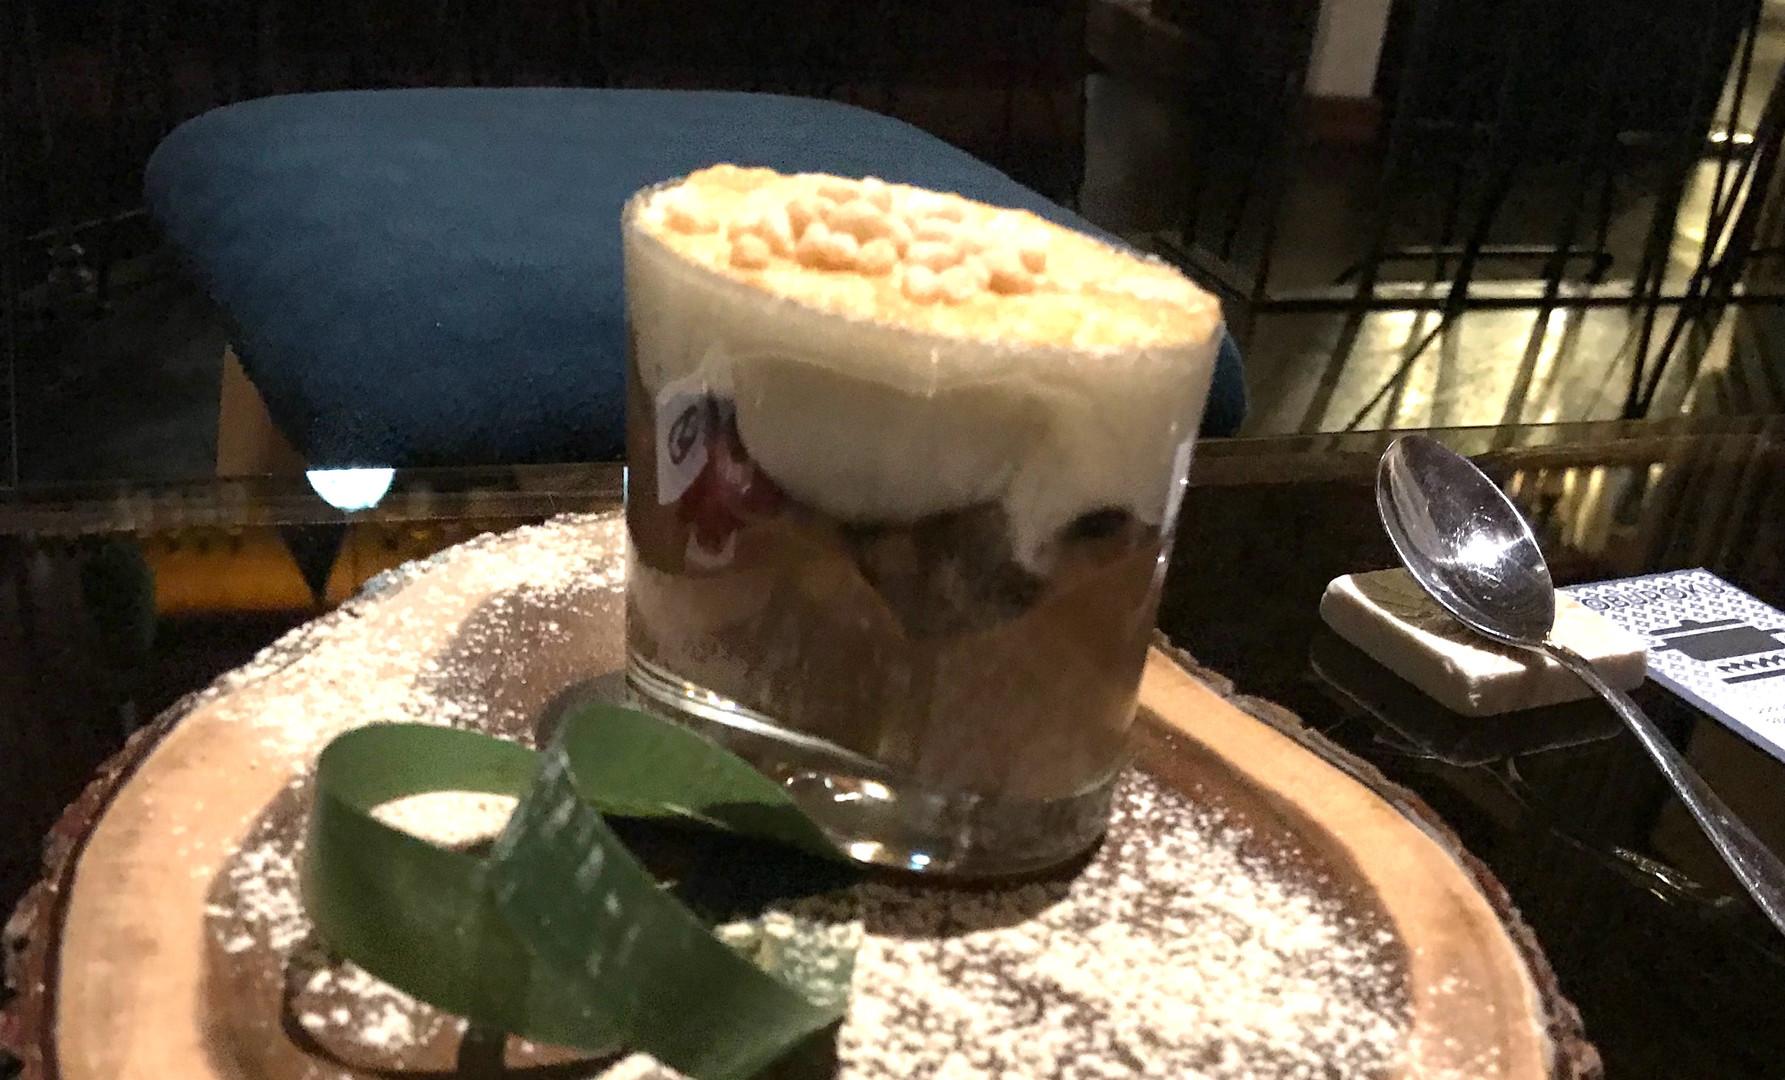 Mousse al cioccolato caramellato, pan di spagna giapponese, frutta fresca, mochi gelato alla vaniglia, meringa e riso soffiato